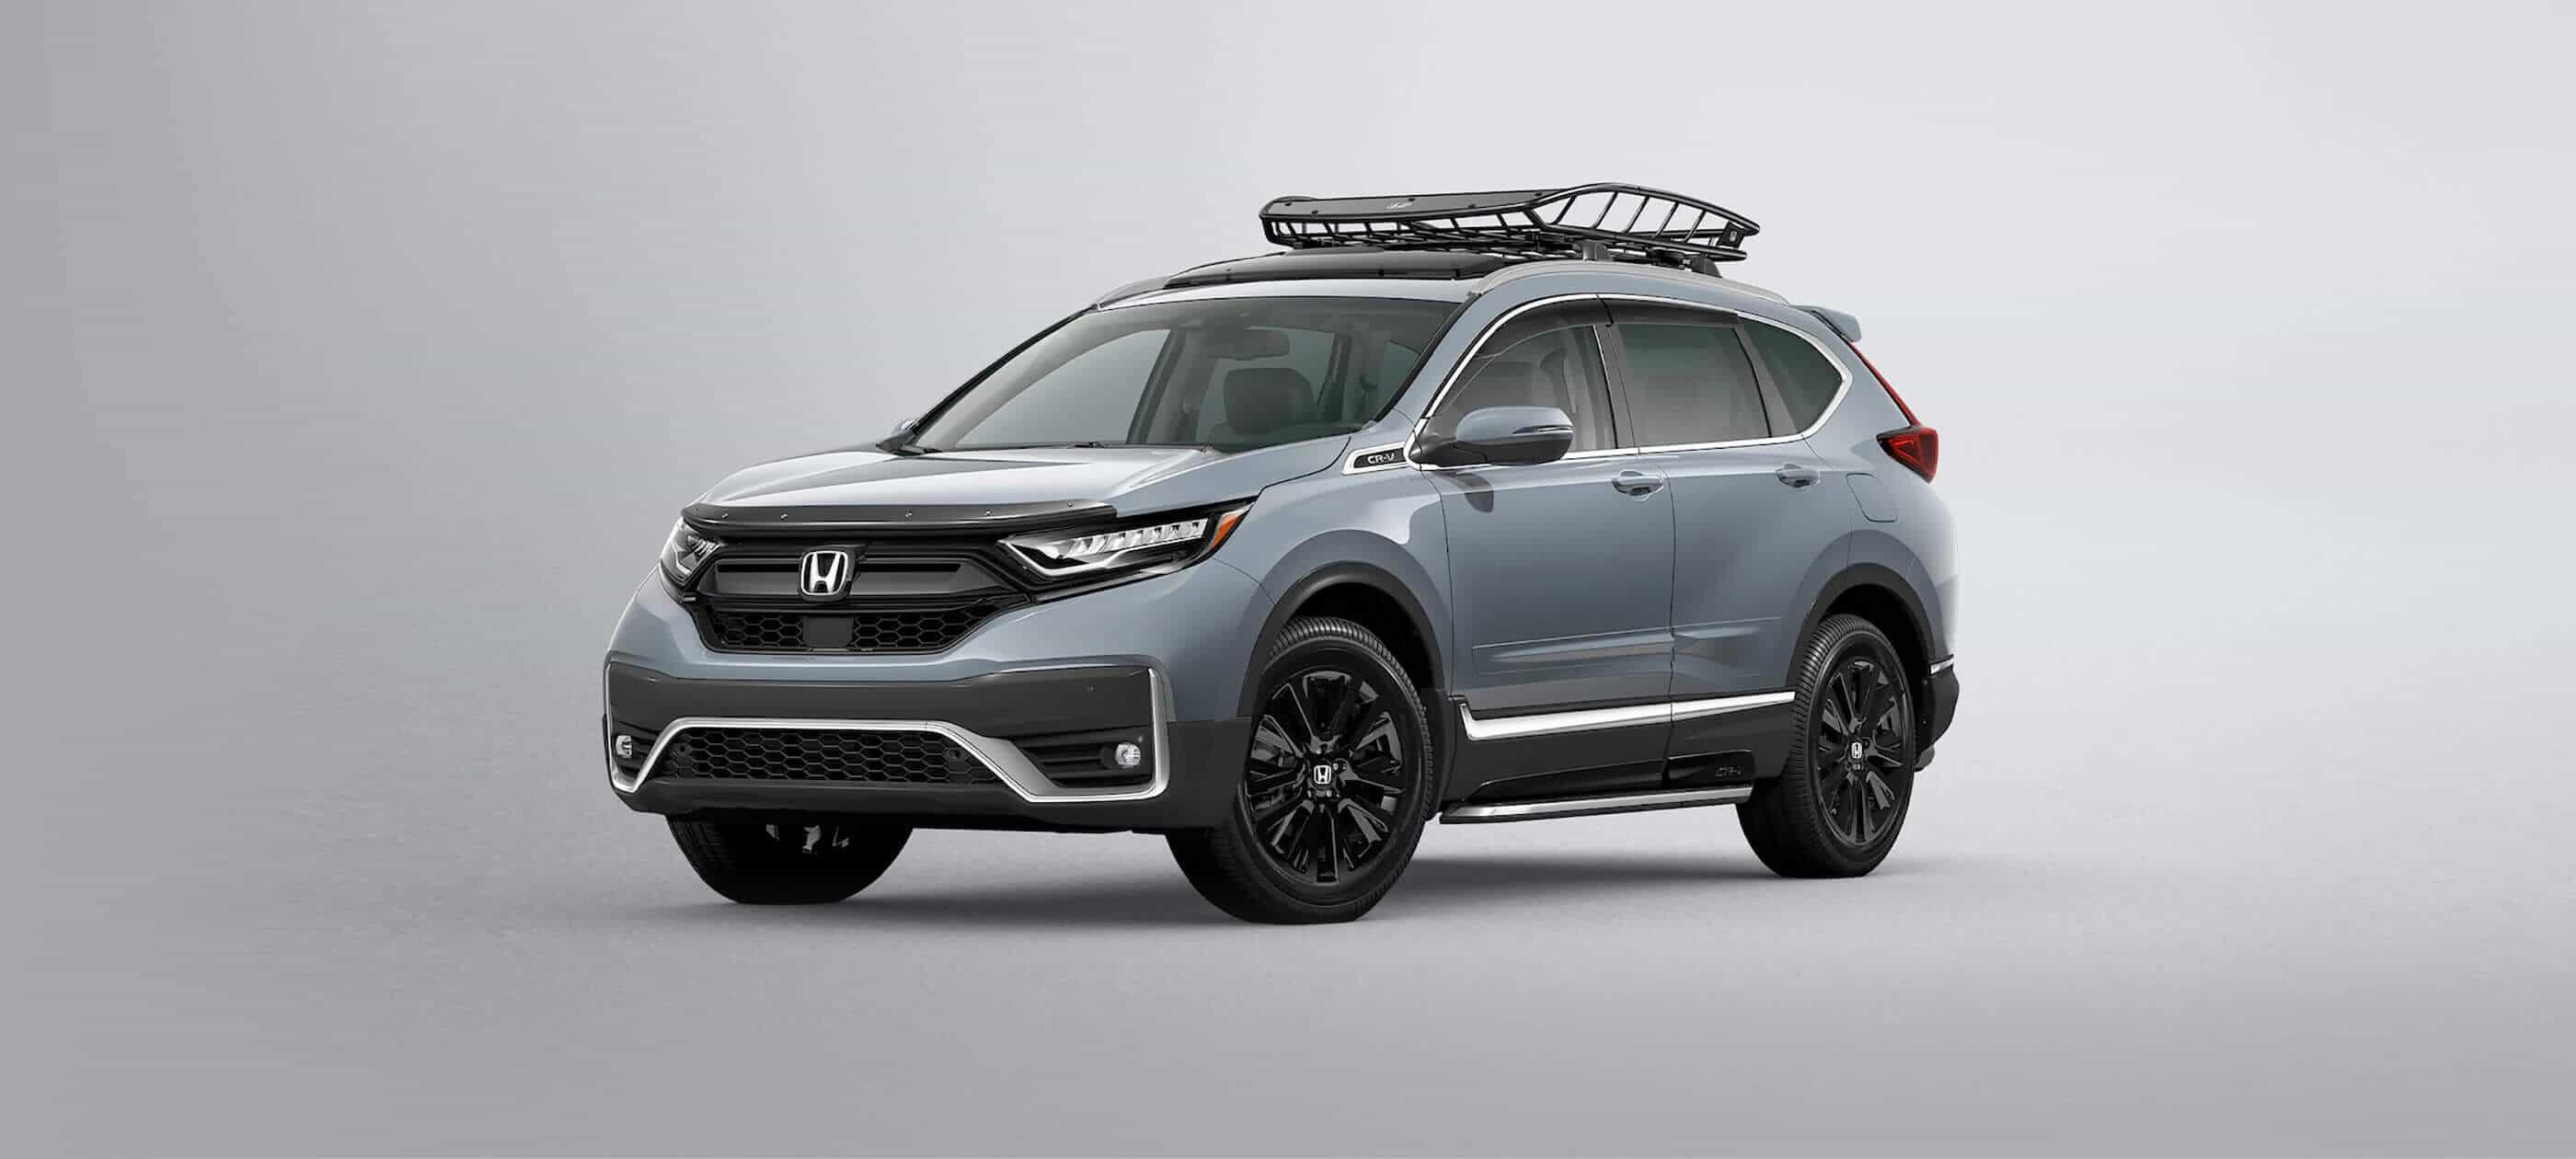 2020 Honda Cr V Hybrid The Hybrid Crossover Suv Hawaii Honda Dealers